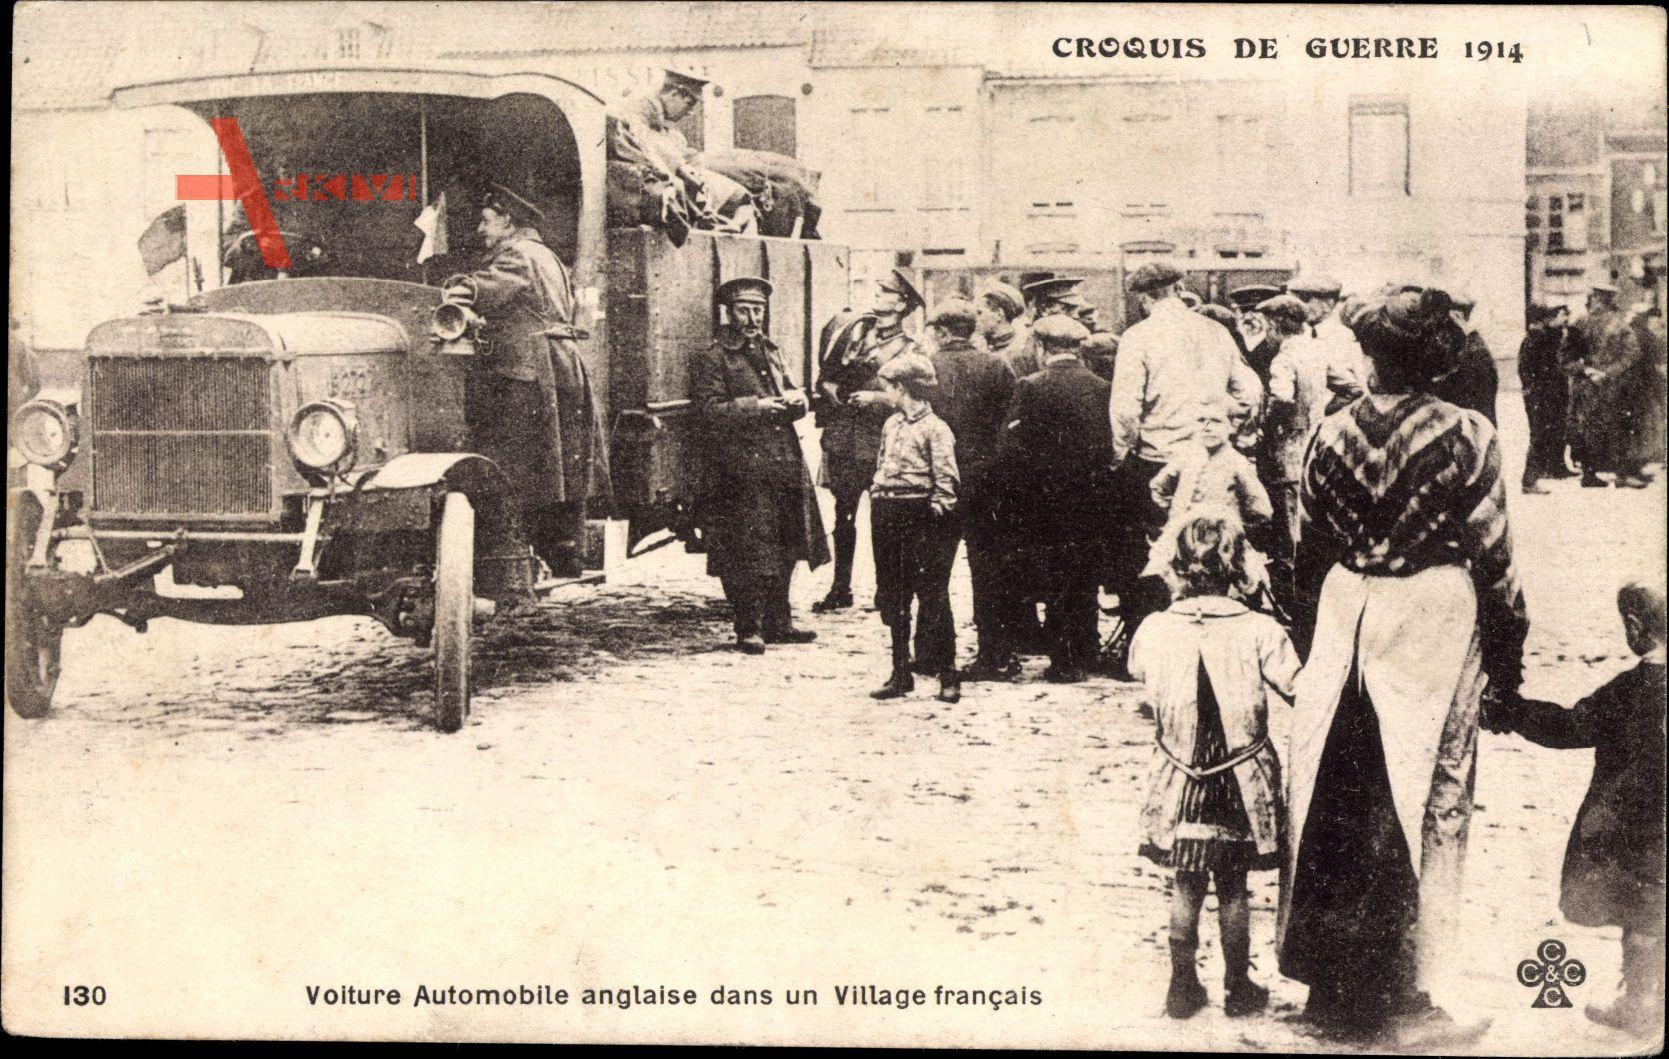 Voiture Automobile anglaise dans un Village francais, Militärischer LKW